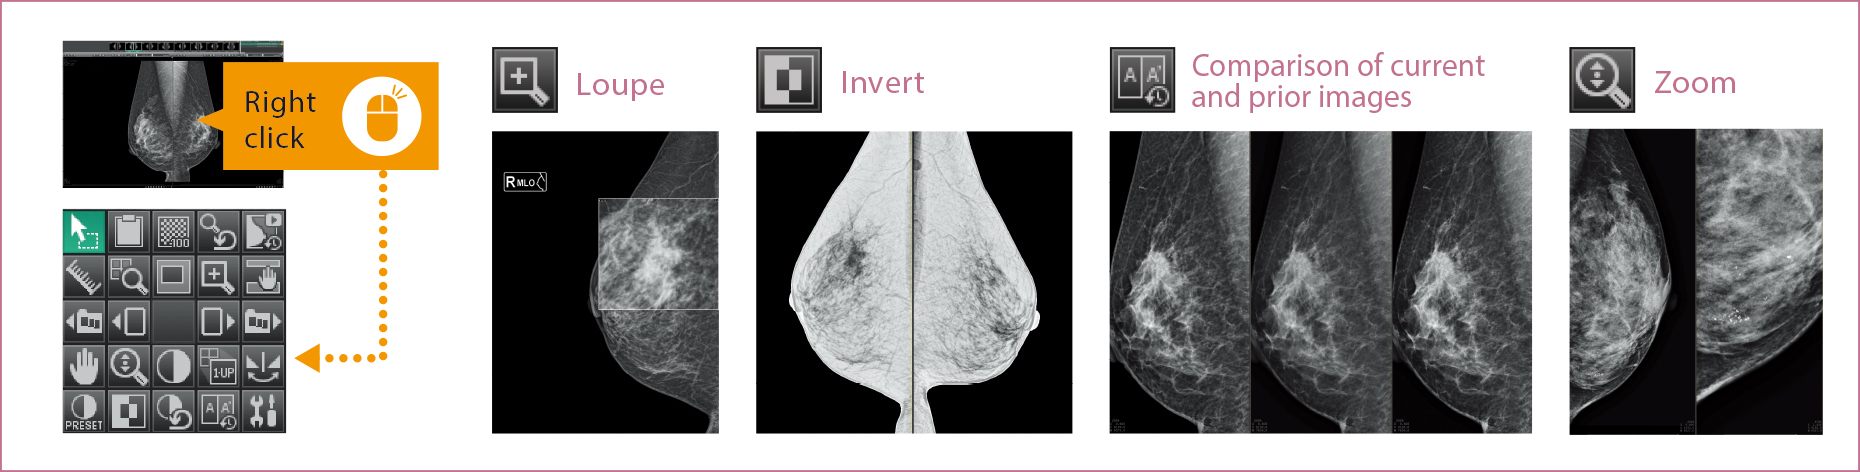 [imagem] Lupa, inversão e comparação de imagens atuais e anteriores, e zoom de raios X